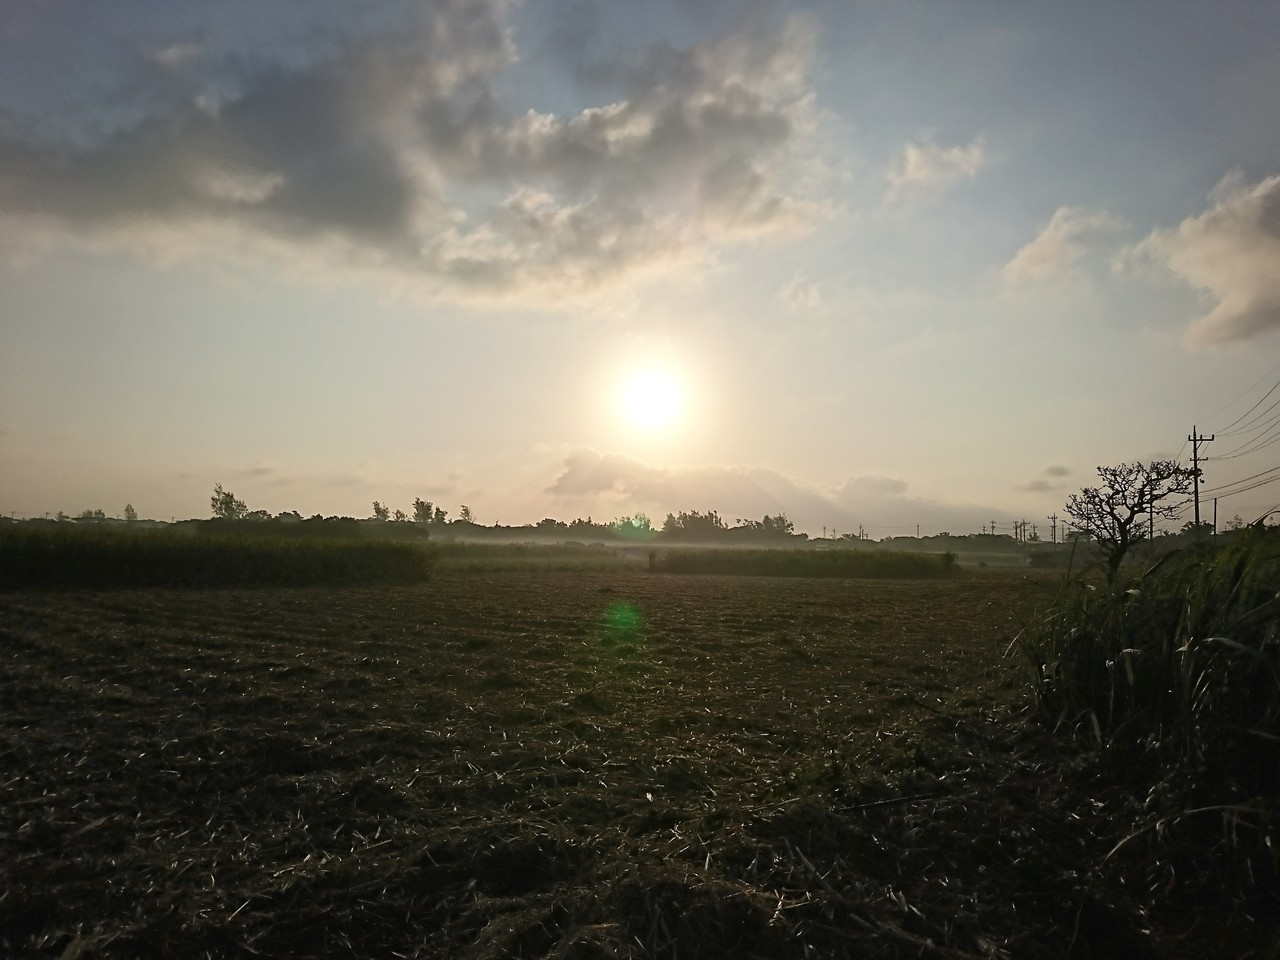 今朝の畑道。 明け方に降ったらしい雨が、朝日を浴びて霧になって燃えていた。 画像では伝えきれなくてすまん!